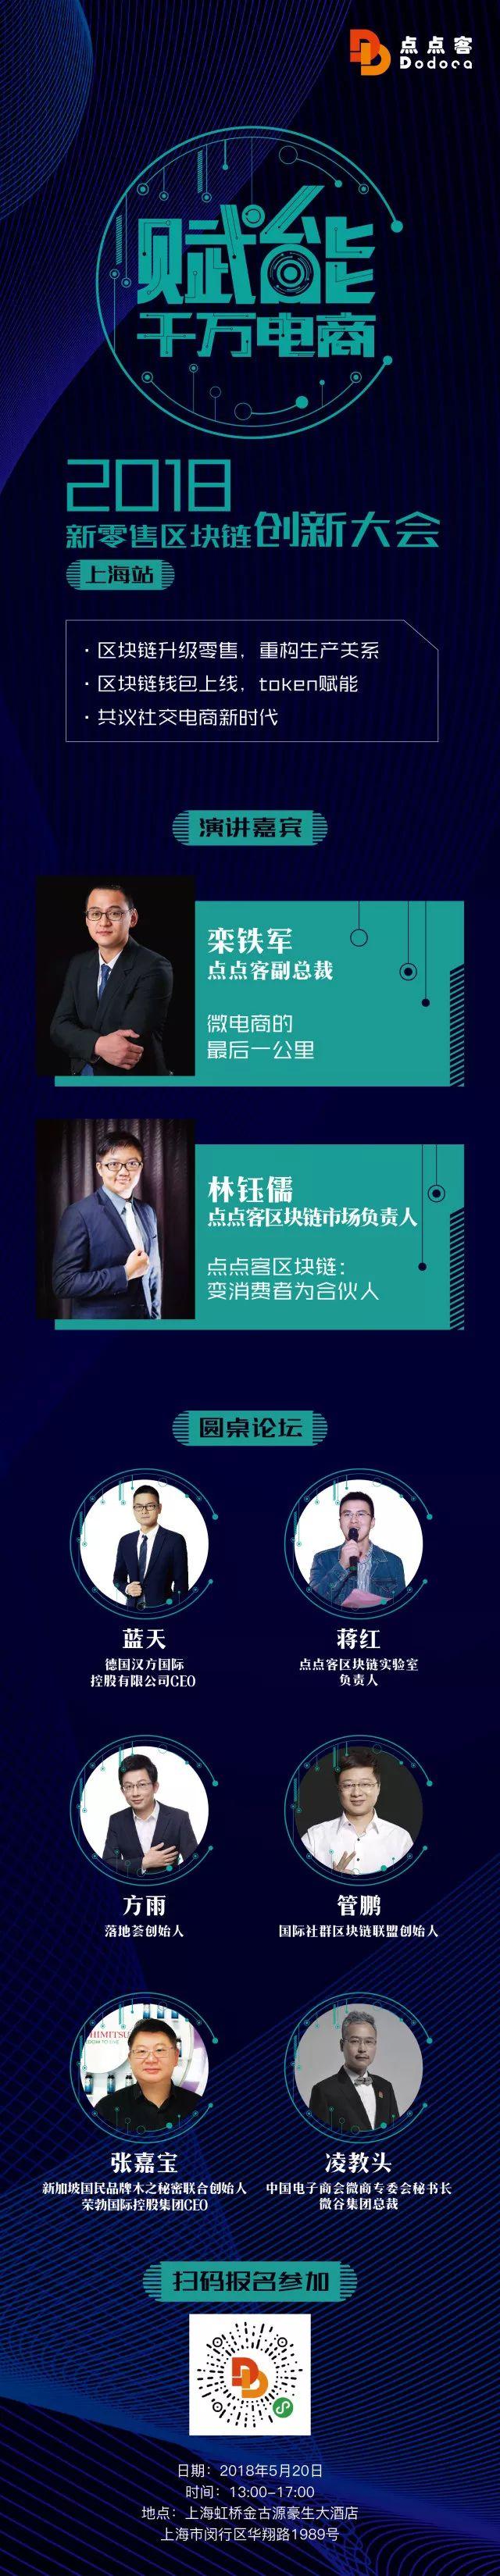 520相约上海新零售区块链创新大会